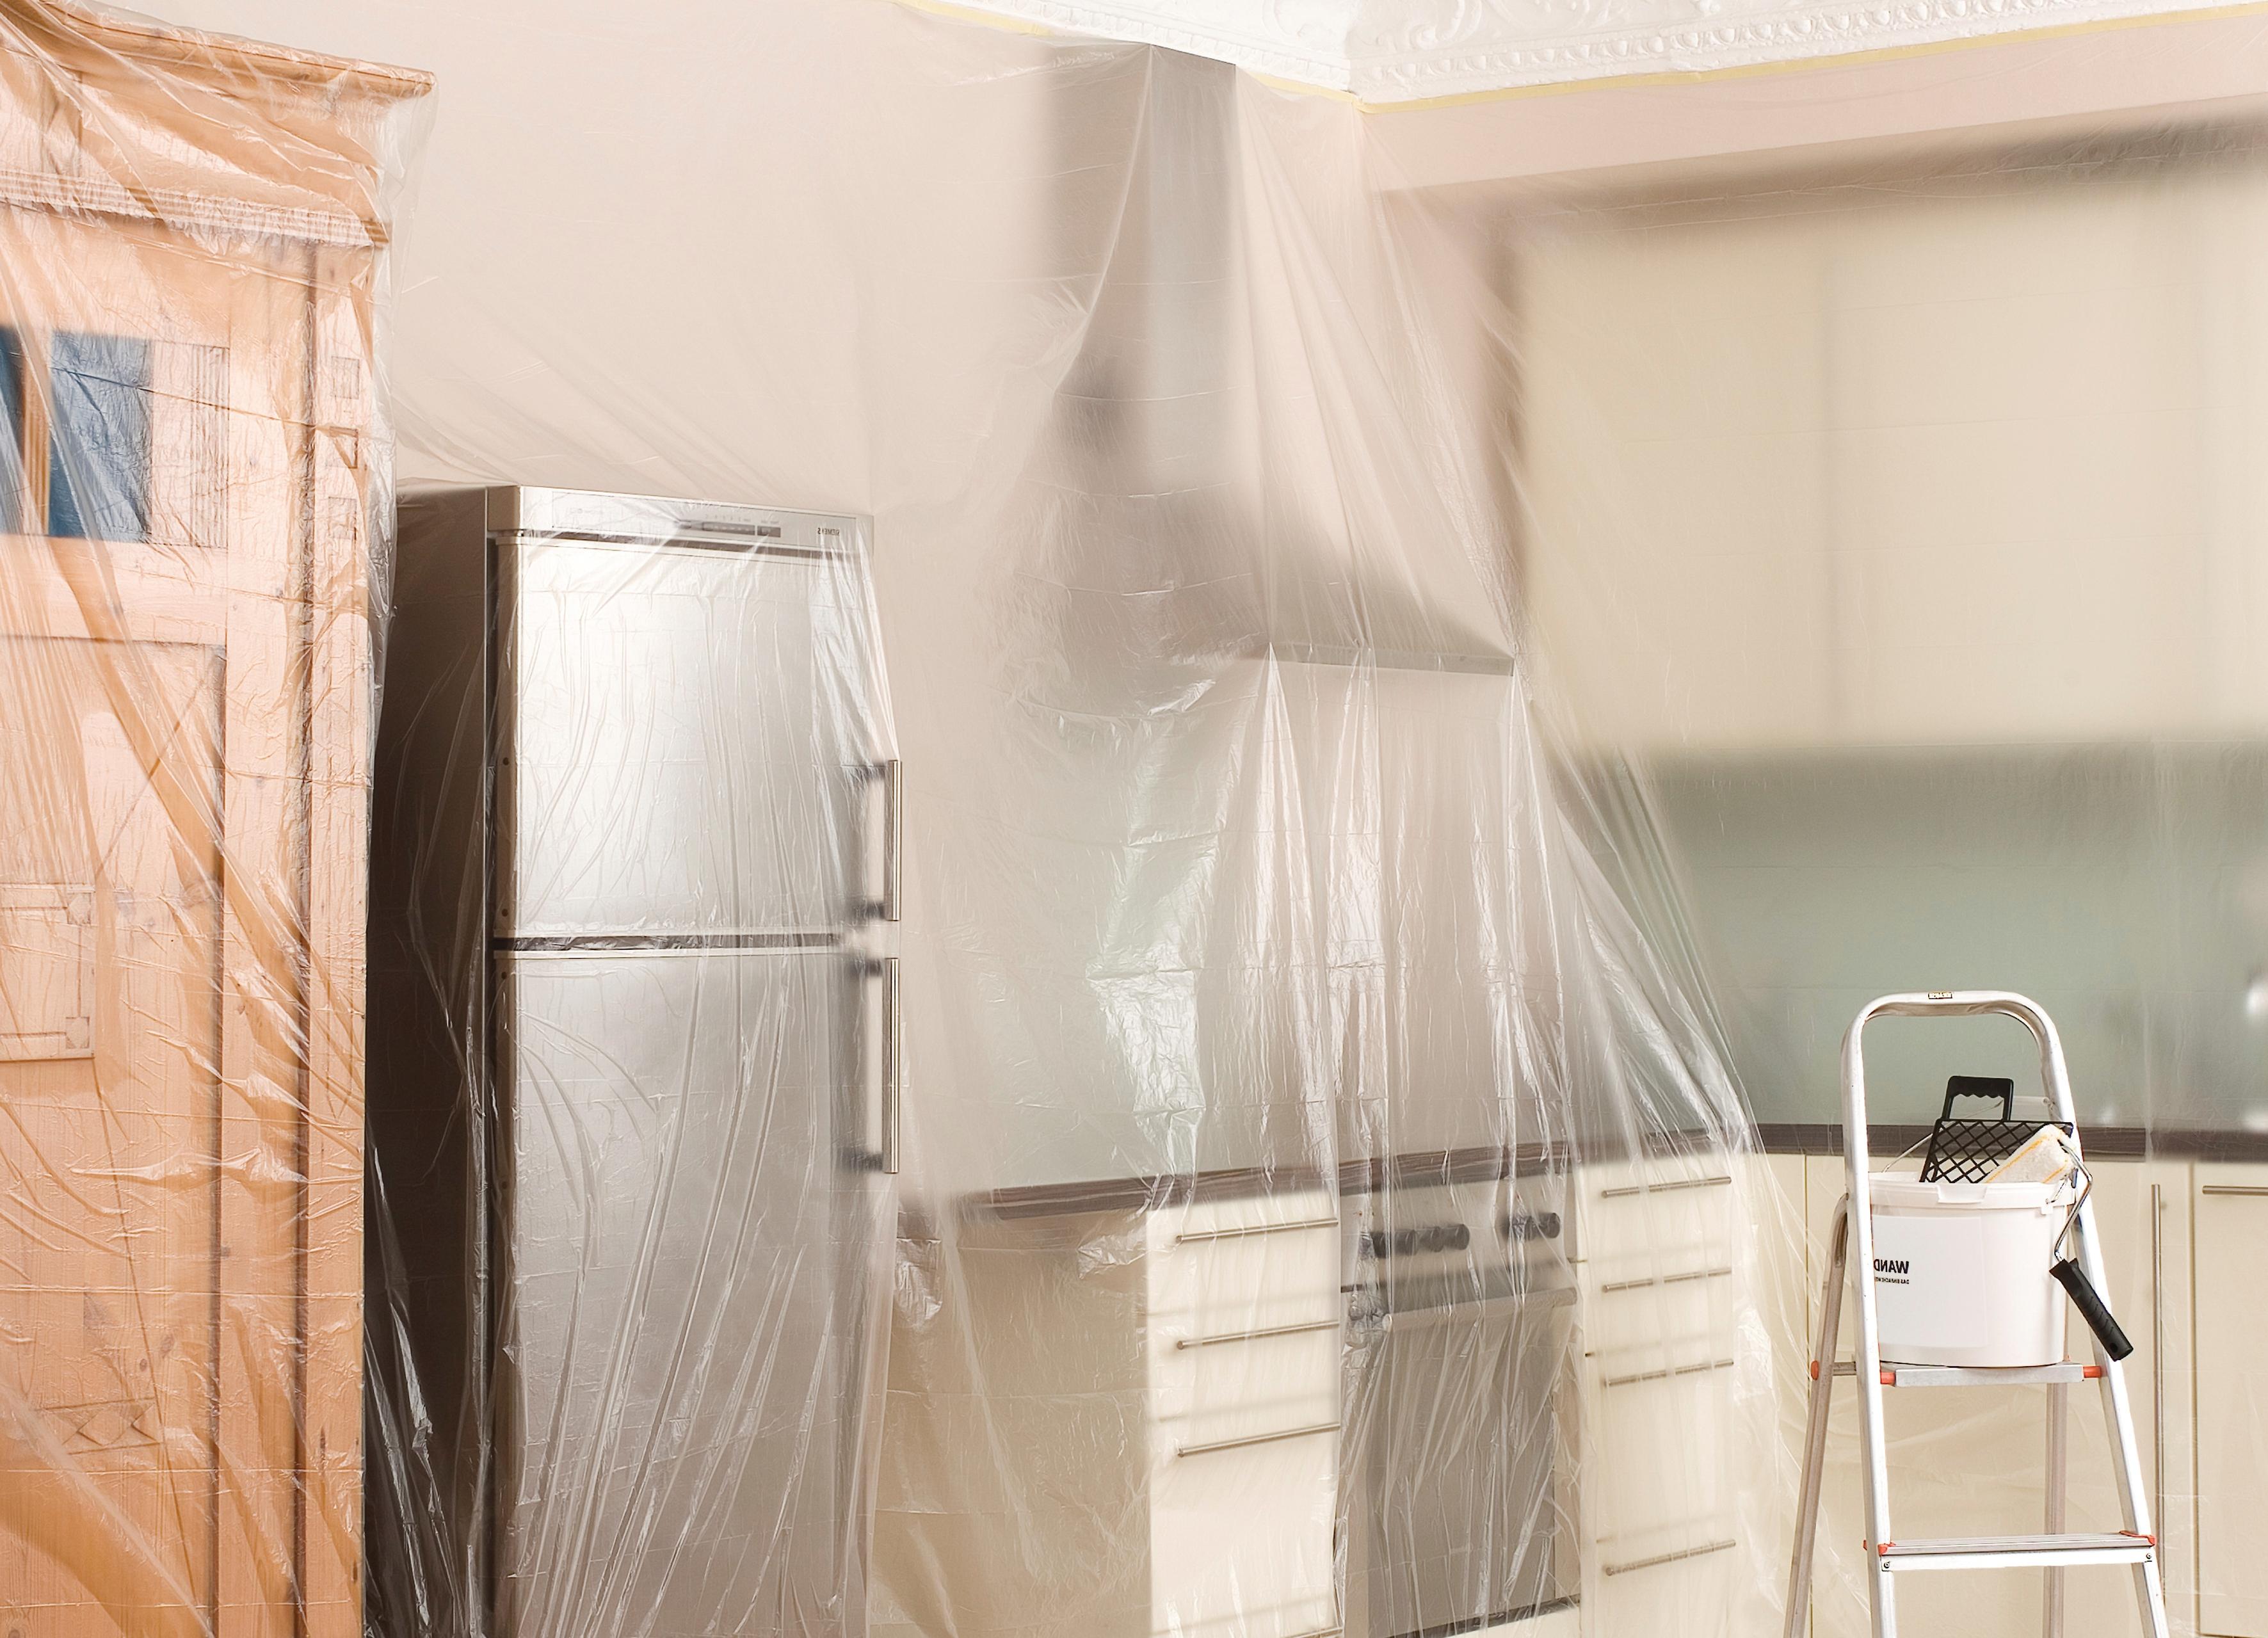 Подготовка помещения к снятию жидких обоев